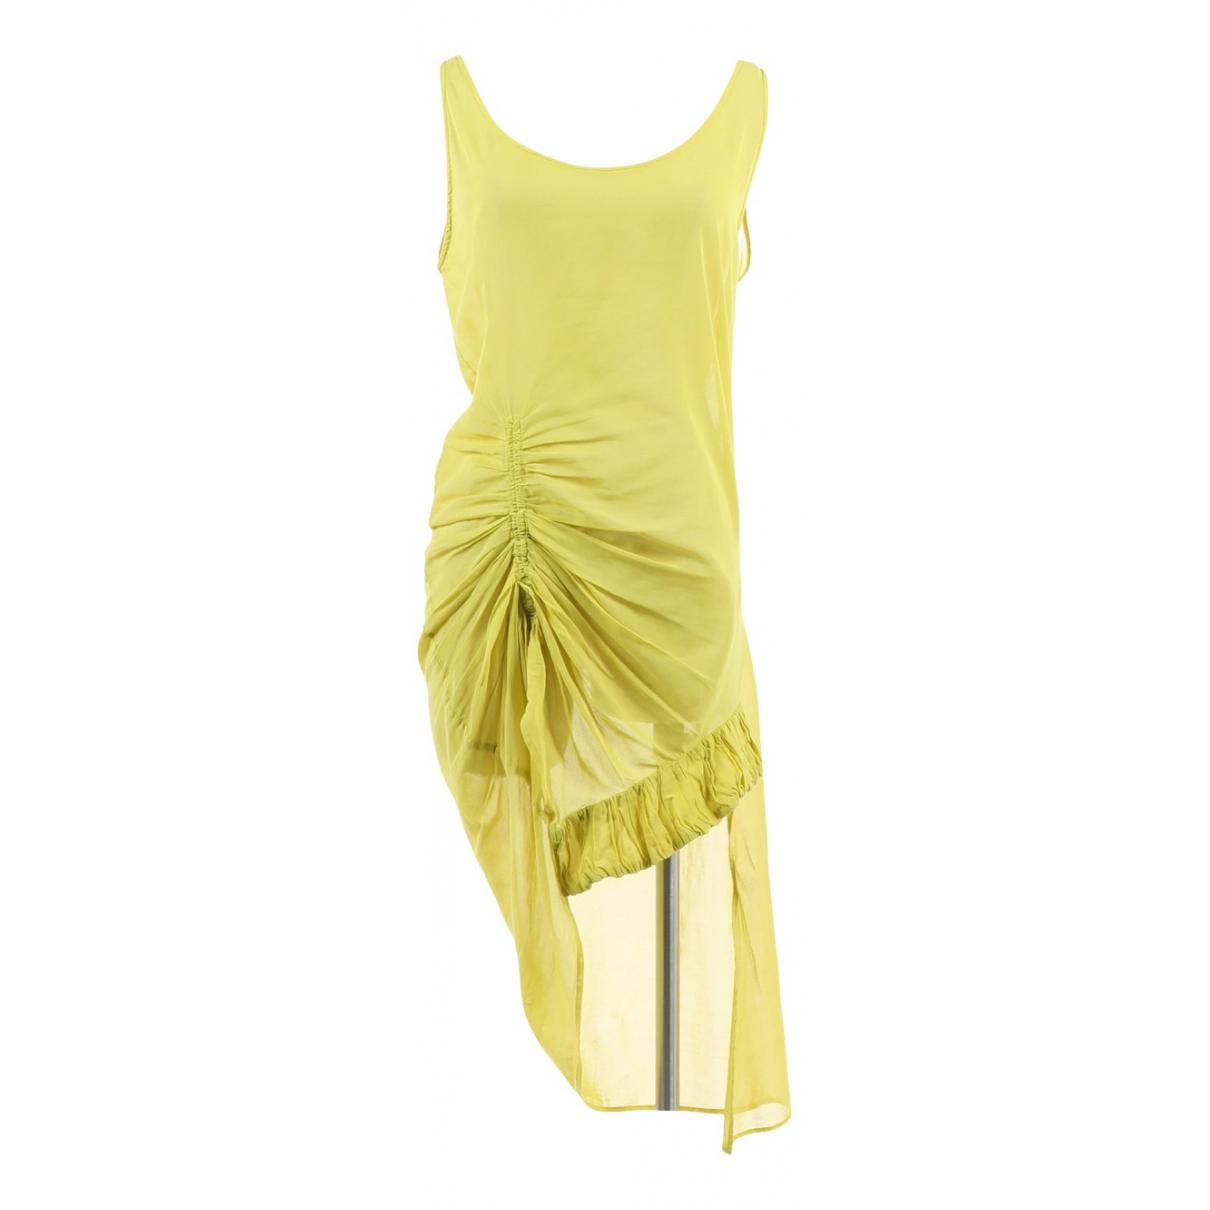 Dries Van Noten - Top   pour femme en coton - jaune